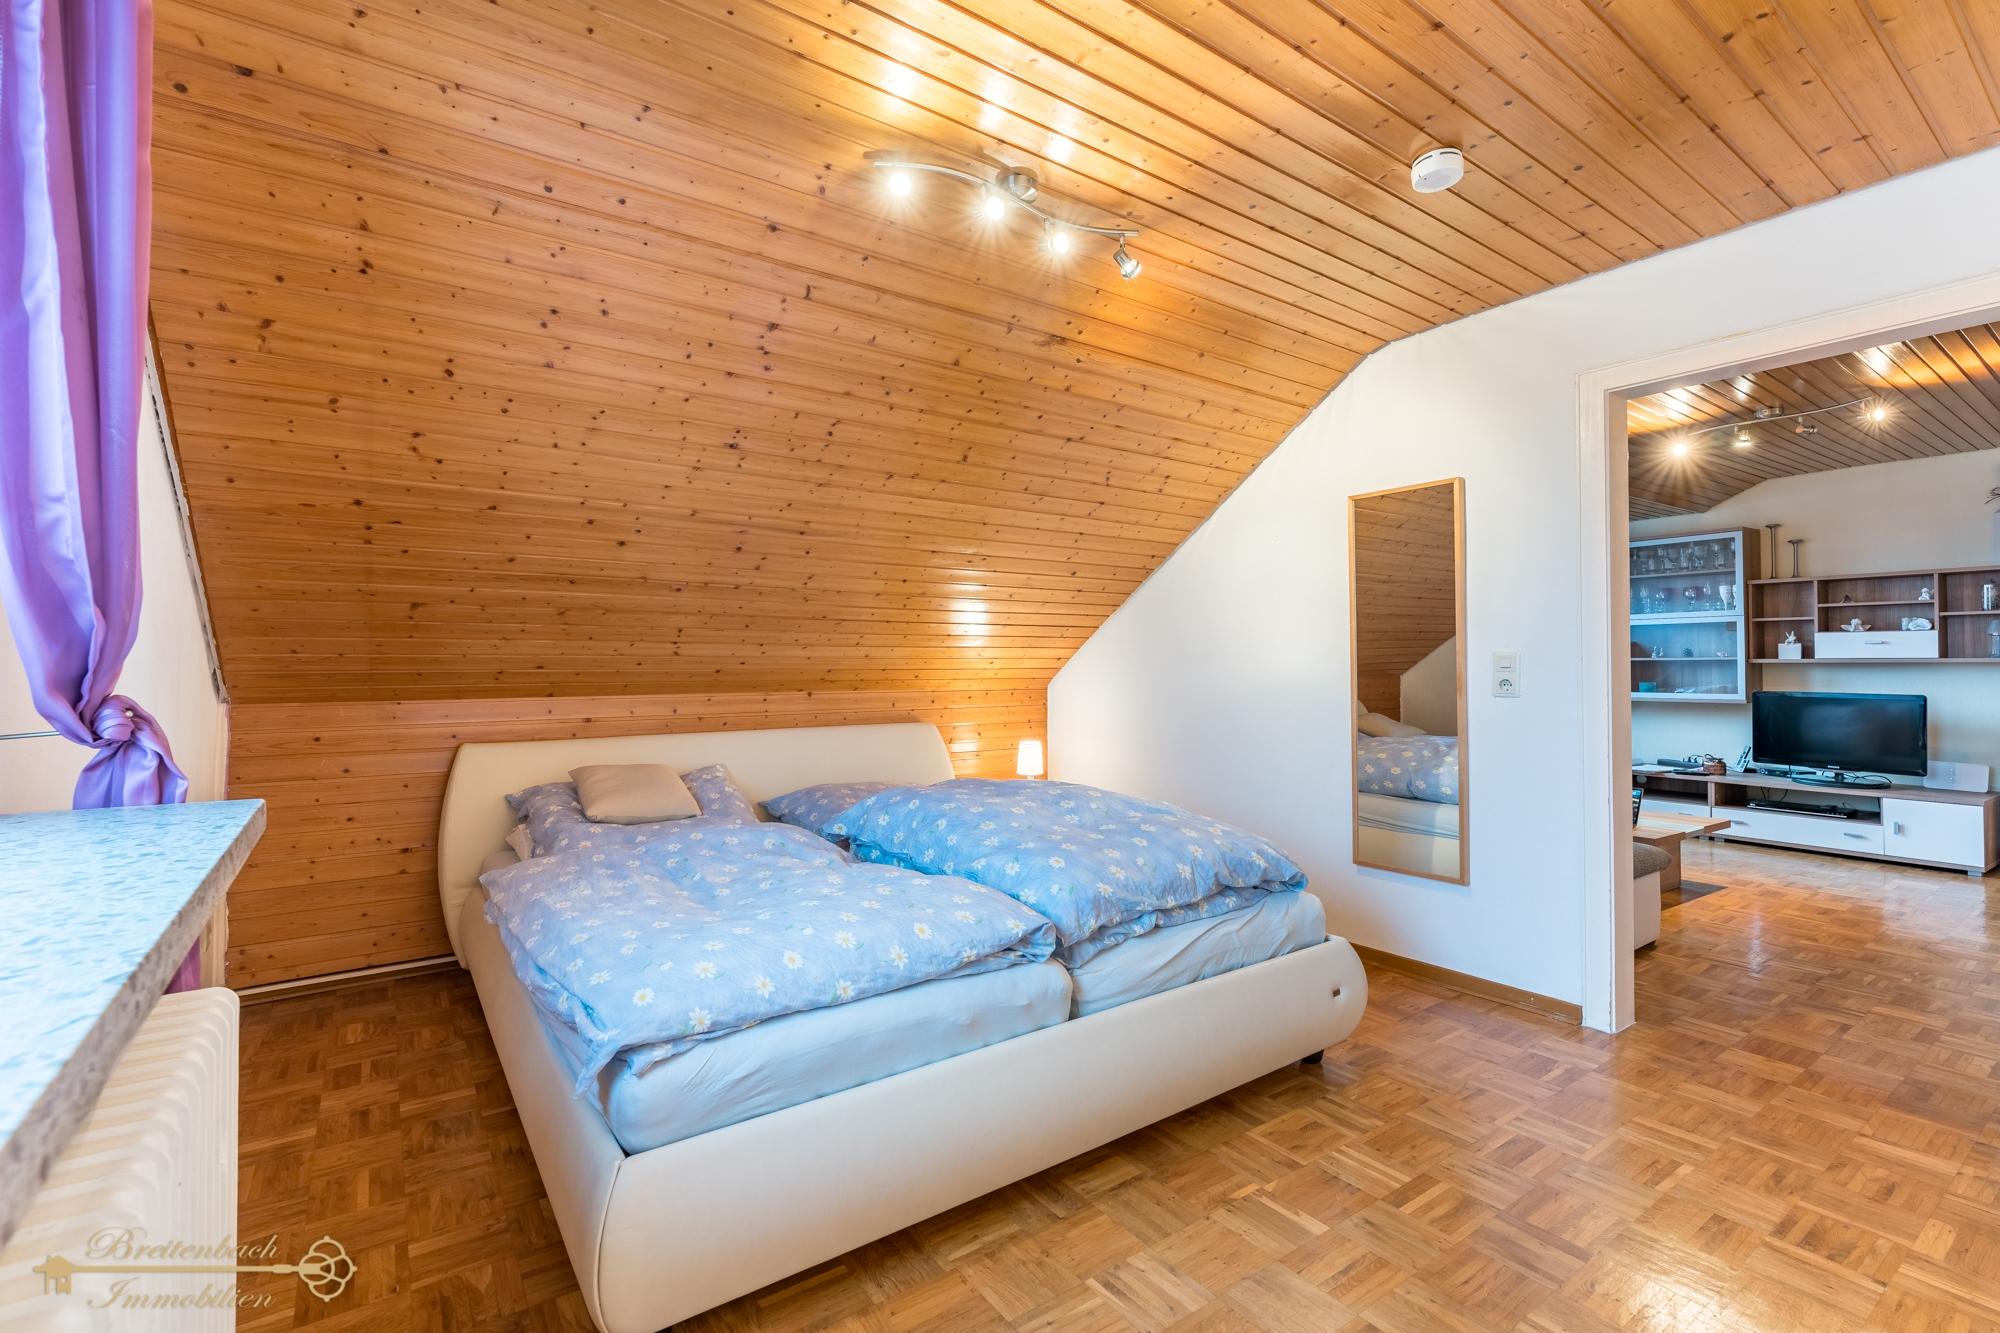 2021-01-16-Breitenbach-Immobilien-9